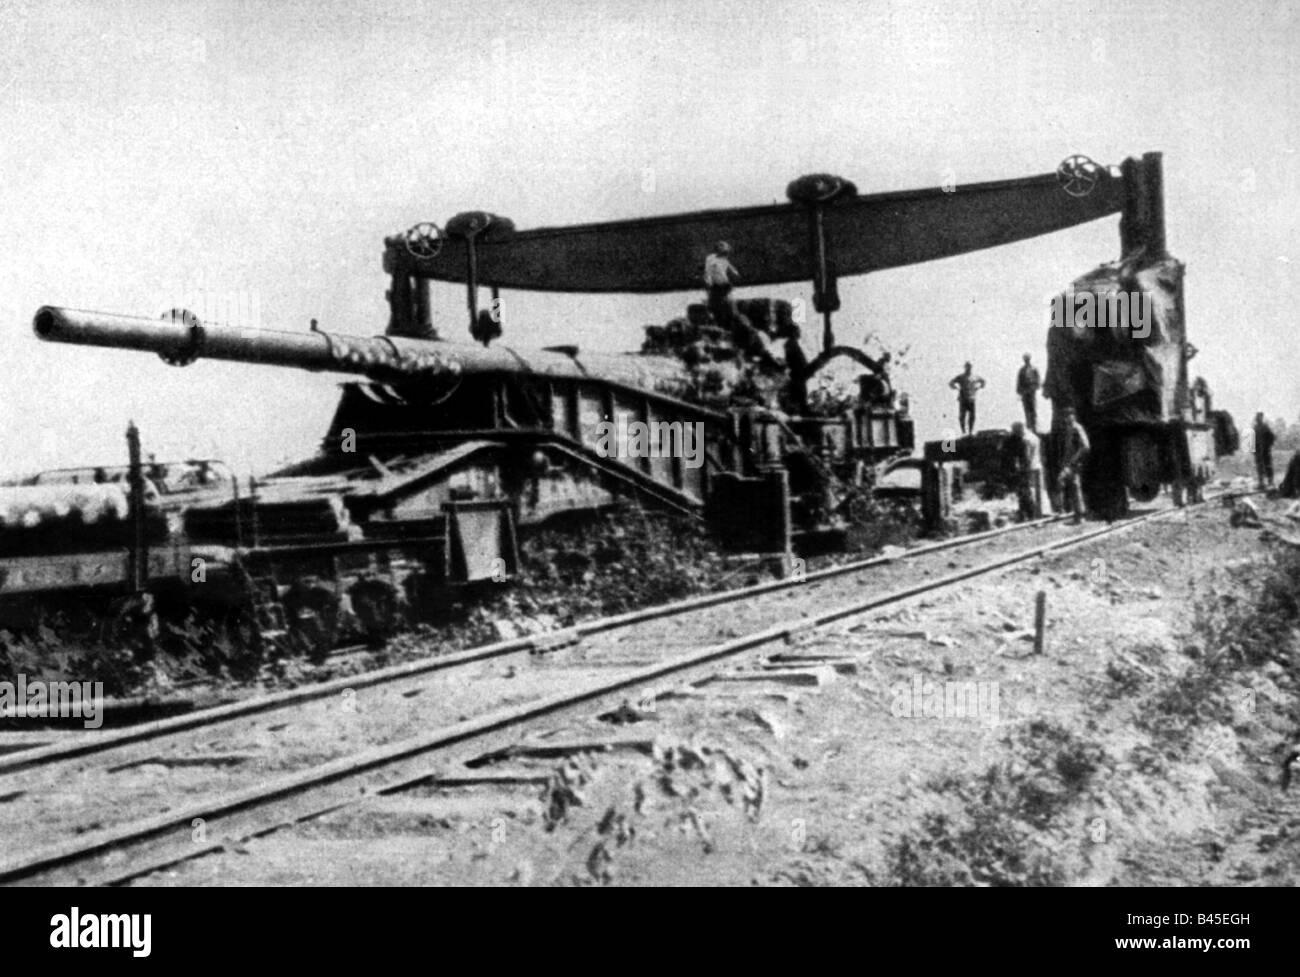 CANON SUR RAIL  Evenements-premiere-guerre-mondiale-premiere-guerre-mondiale-front-occidental-paris-gun-canon-ferroviaire-allemand-de-21-cm-avec-grue-mobile-juillet-1918-b45egh